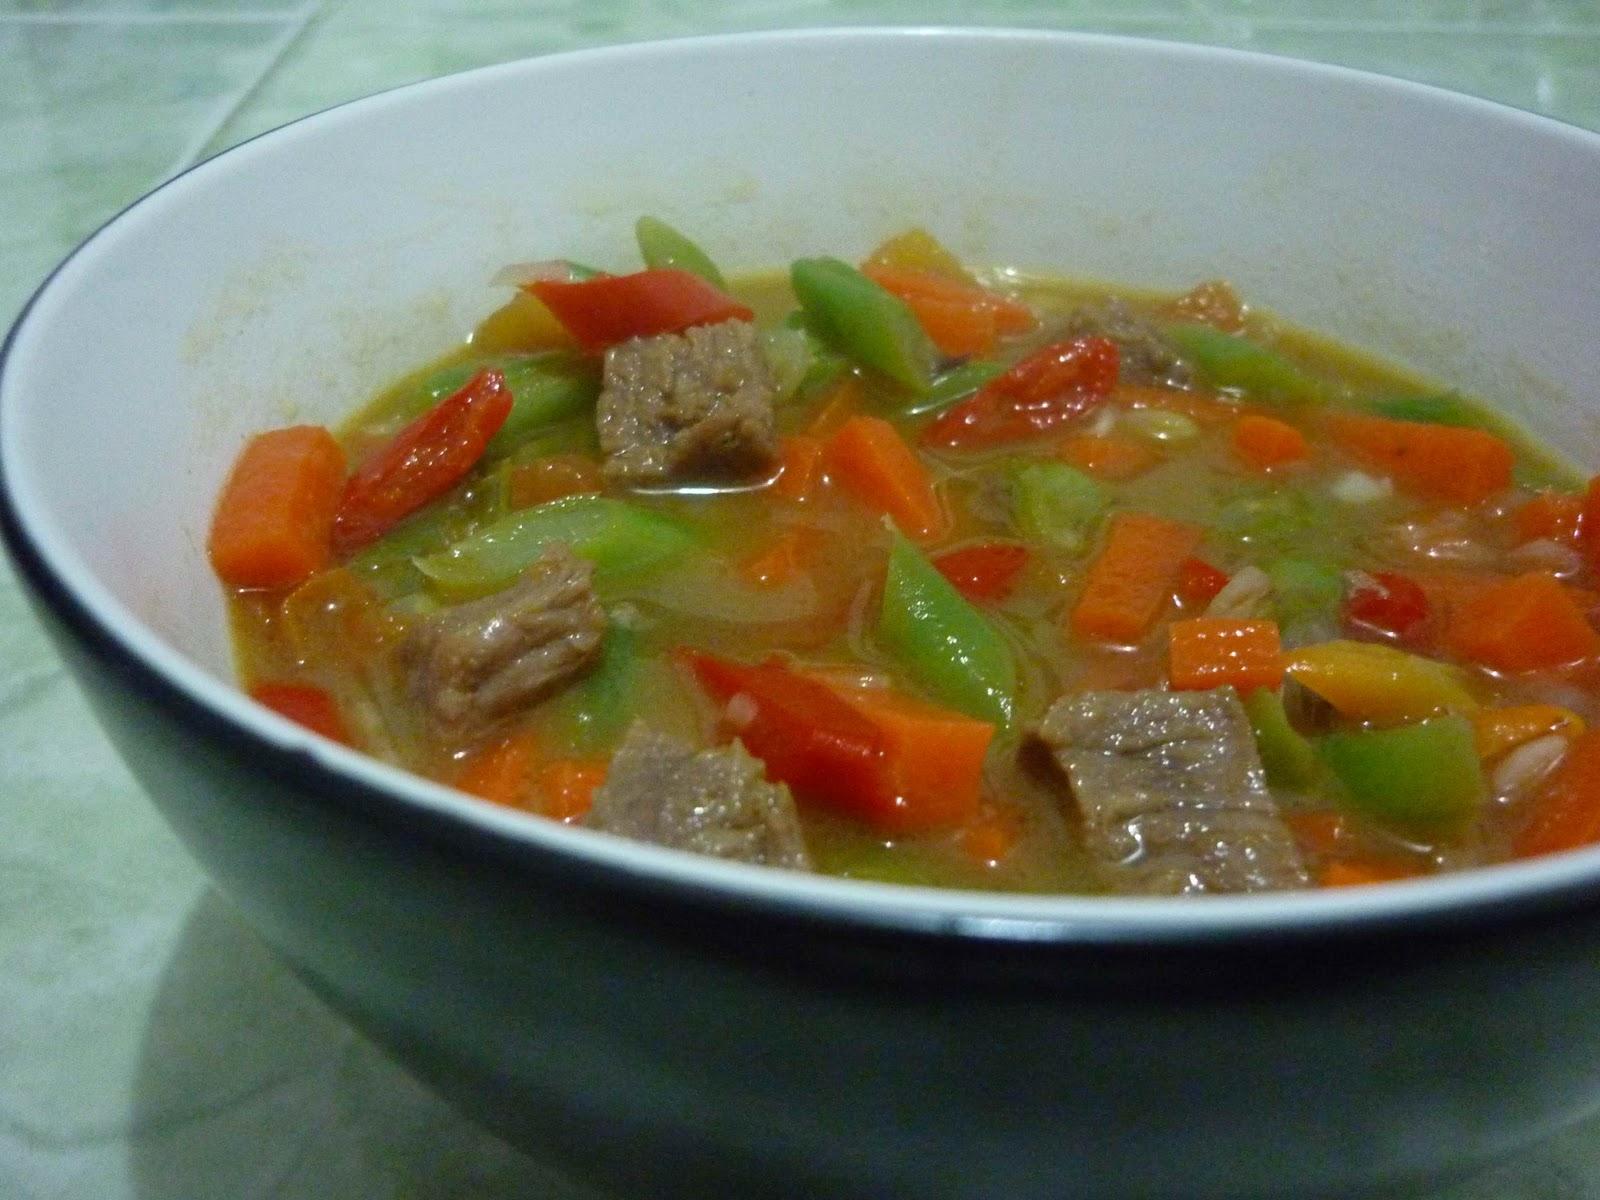 Resep Masakan Sayur Asem-Asem Buncis Daging Jawa